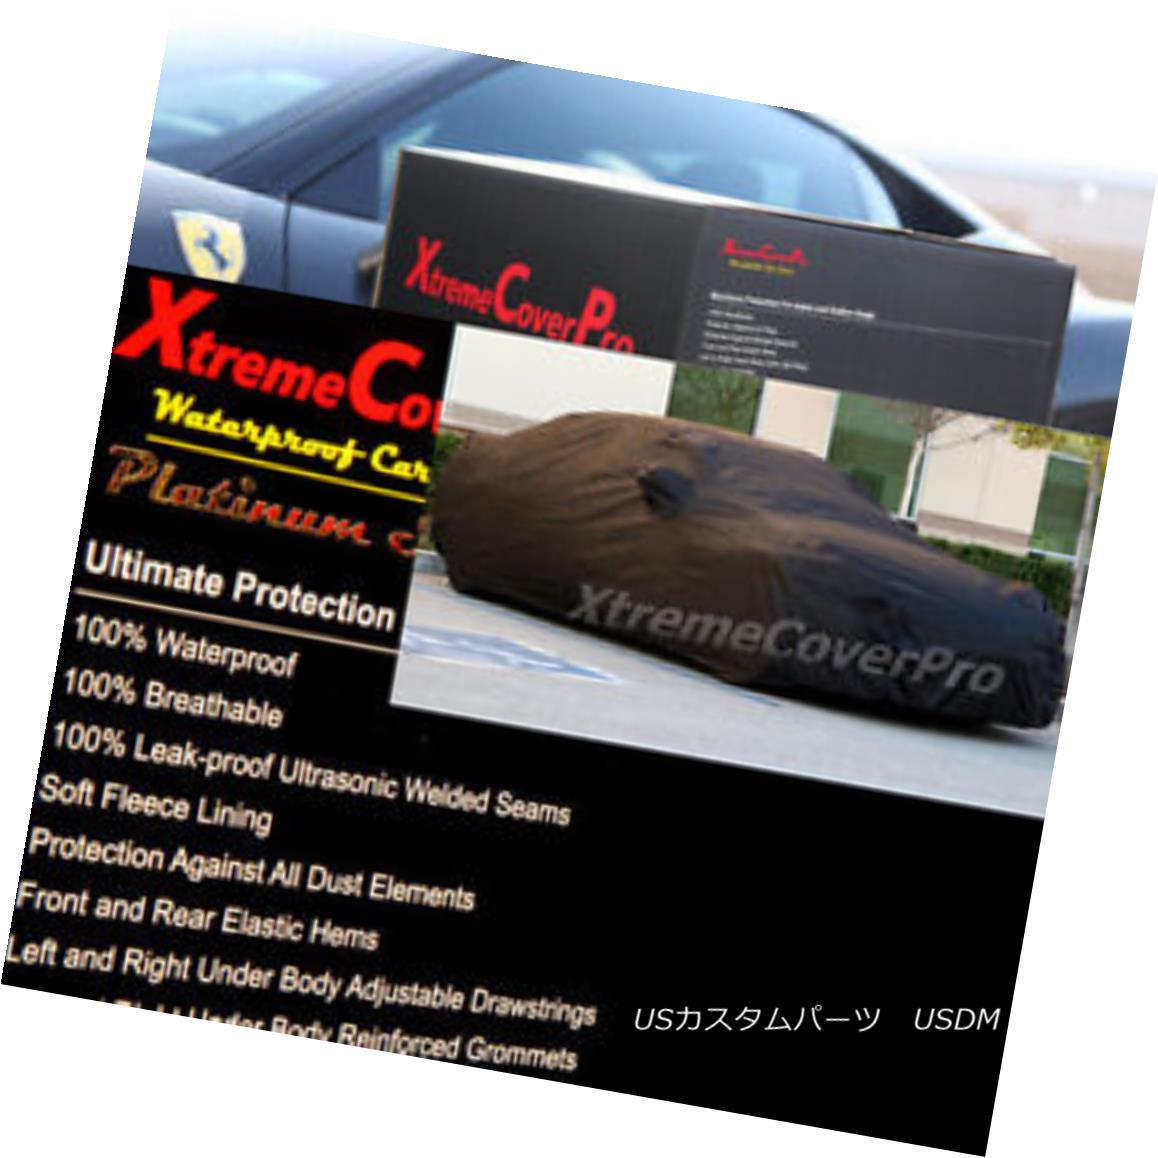 カーカバー WATERPROOF CAR COVER W/MIRRORPOCKET BLK FOR 2018 2017 2016 2015 2014 NISSAN GT-R 2018年防水カーカバーWIR / MIRRORPOCKET BLK 2017 2016 2015 2014日産GT-R